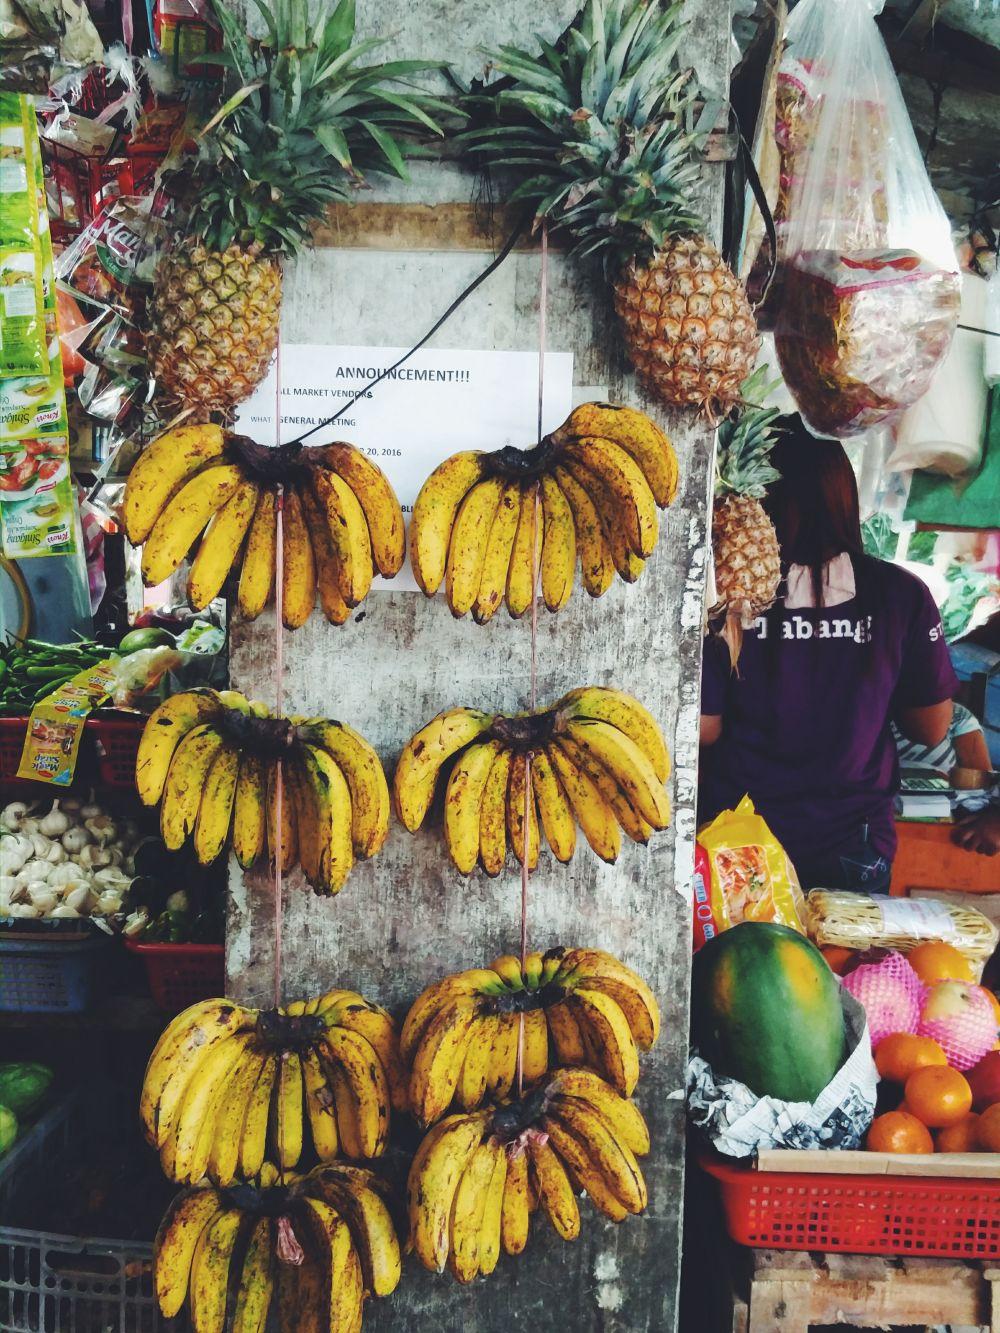 OVOCIE A ZELENINA: dá sa kúpiť na marketoch. Lacno. Všetko je čerstvé a chutné. Najviac odporúčam skúsiť palawanské oranžové banány (na fotke), mango (mňaaaaaam), kokosový orech buko, papáju a ananás. Kto je vegán alebo vegetarián, ovocie a zelenina bude jedna z mála vecí, ktoré tu budete papať. Kto je v pohode s vajíčkami, tých tu majú tiež veľa, nás to do veľkej miery zachraňovalo